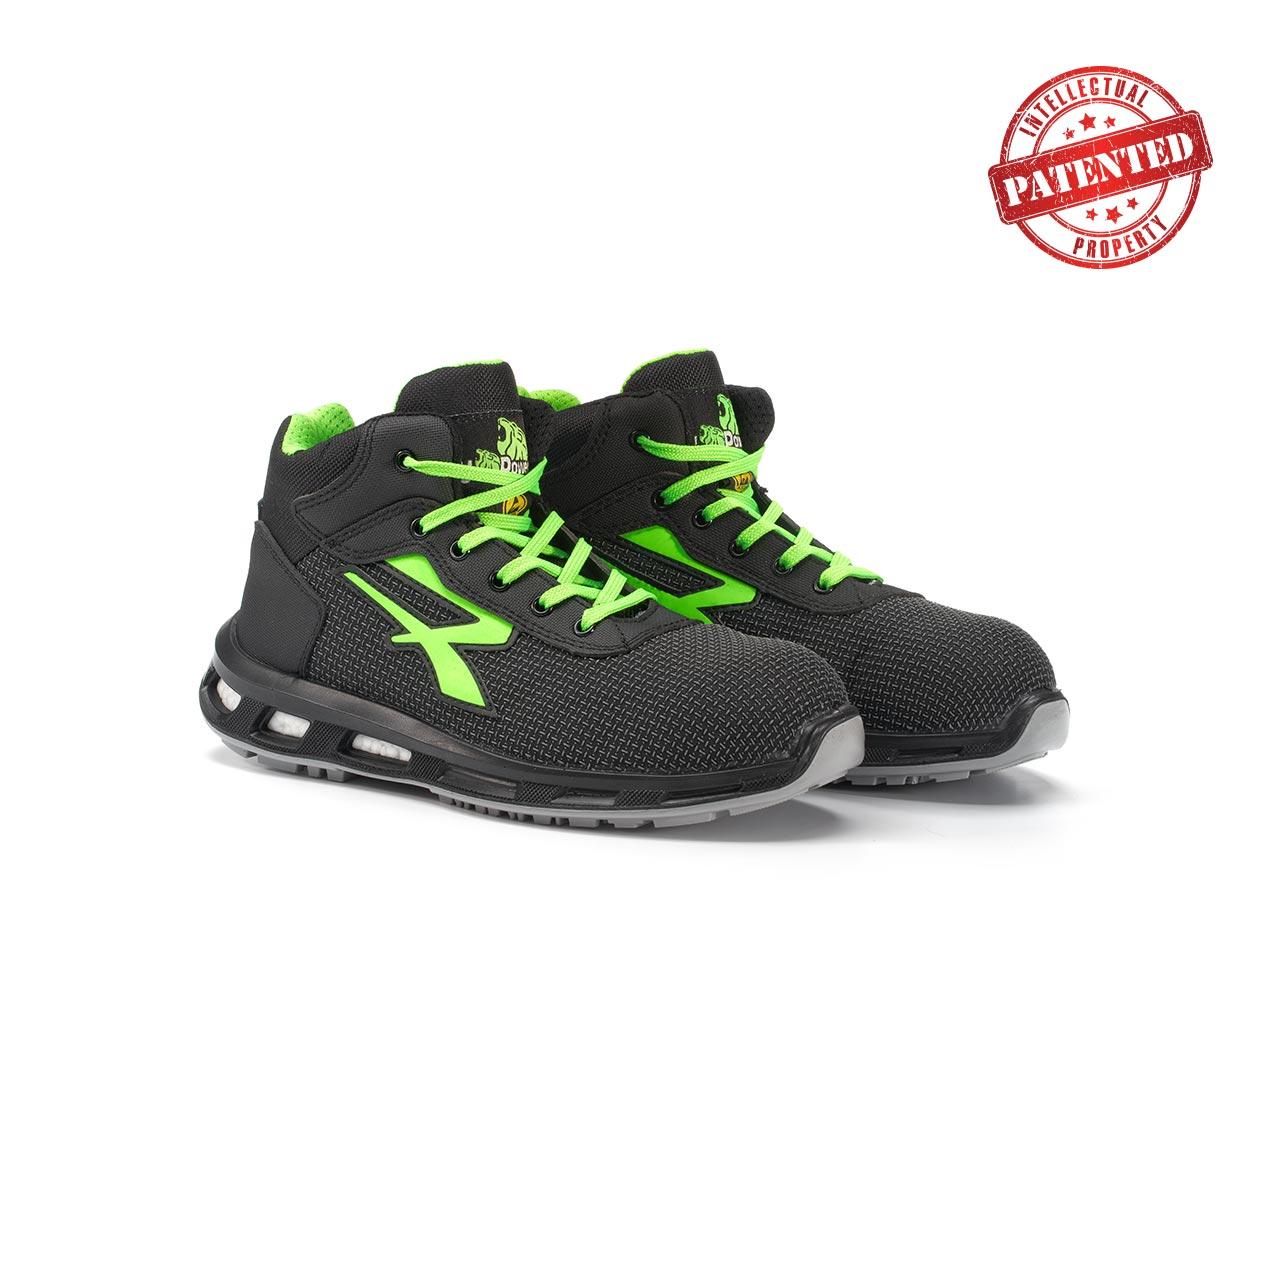 paio di scarpe antinfortunistiche alte upower modello hard linea redlion vista prospettica